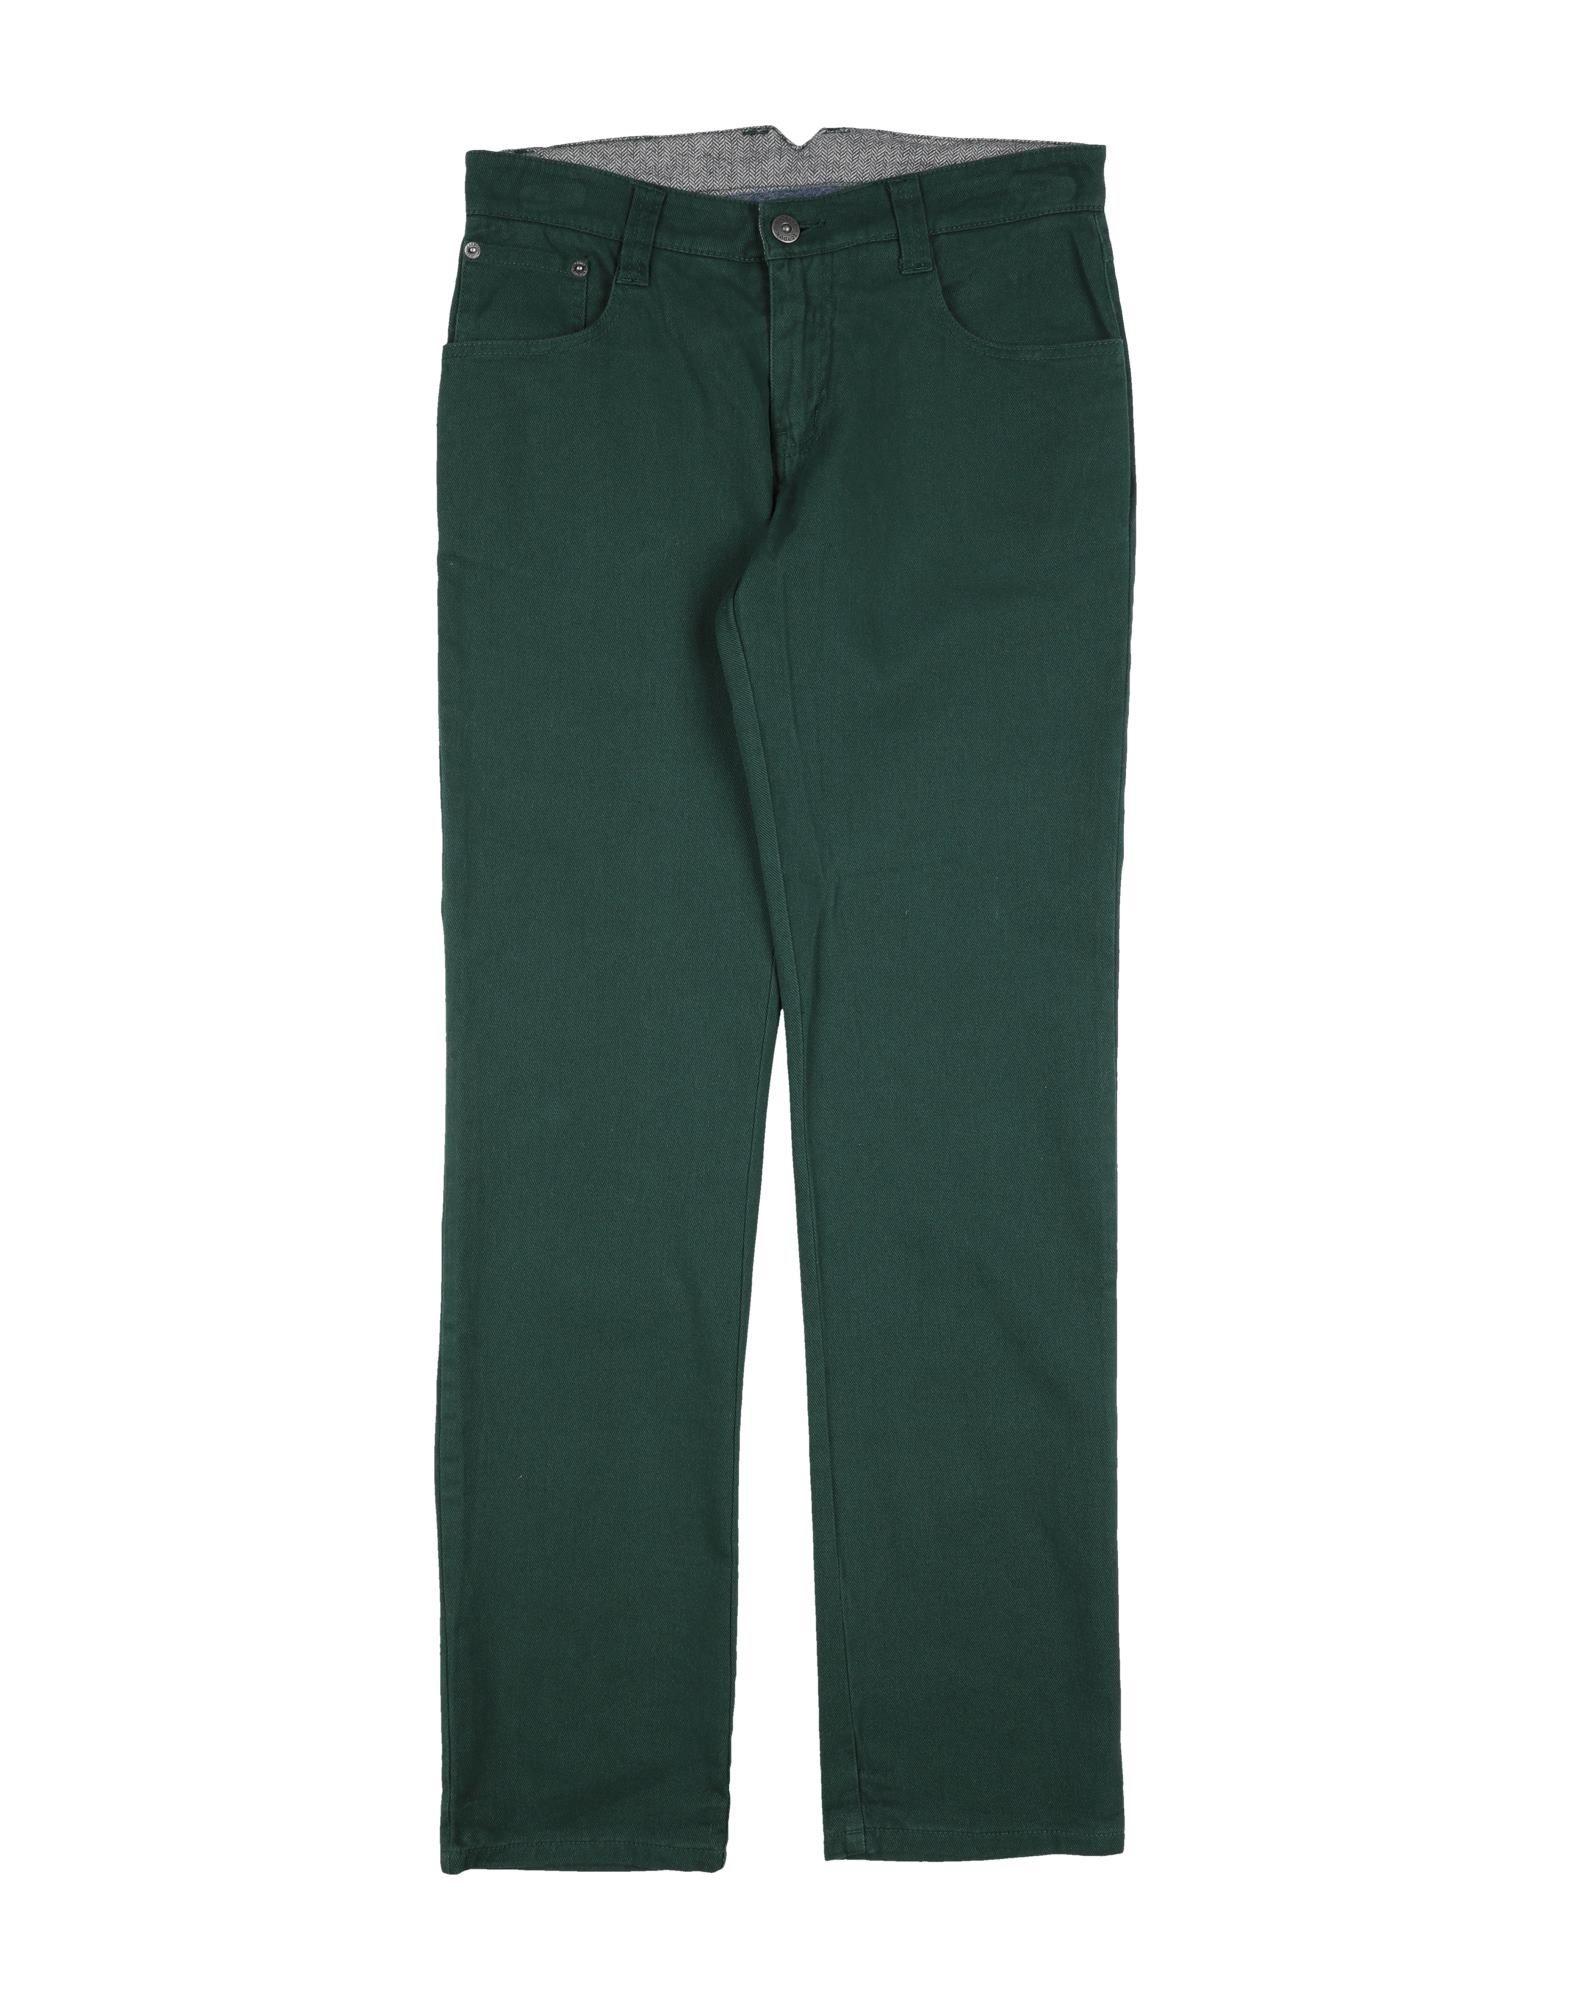 Hackett Kids' Casual Pants In Green